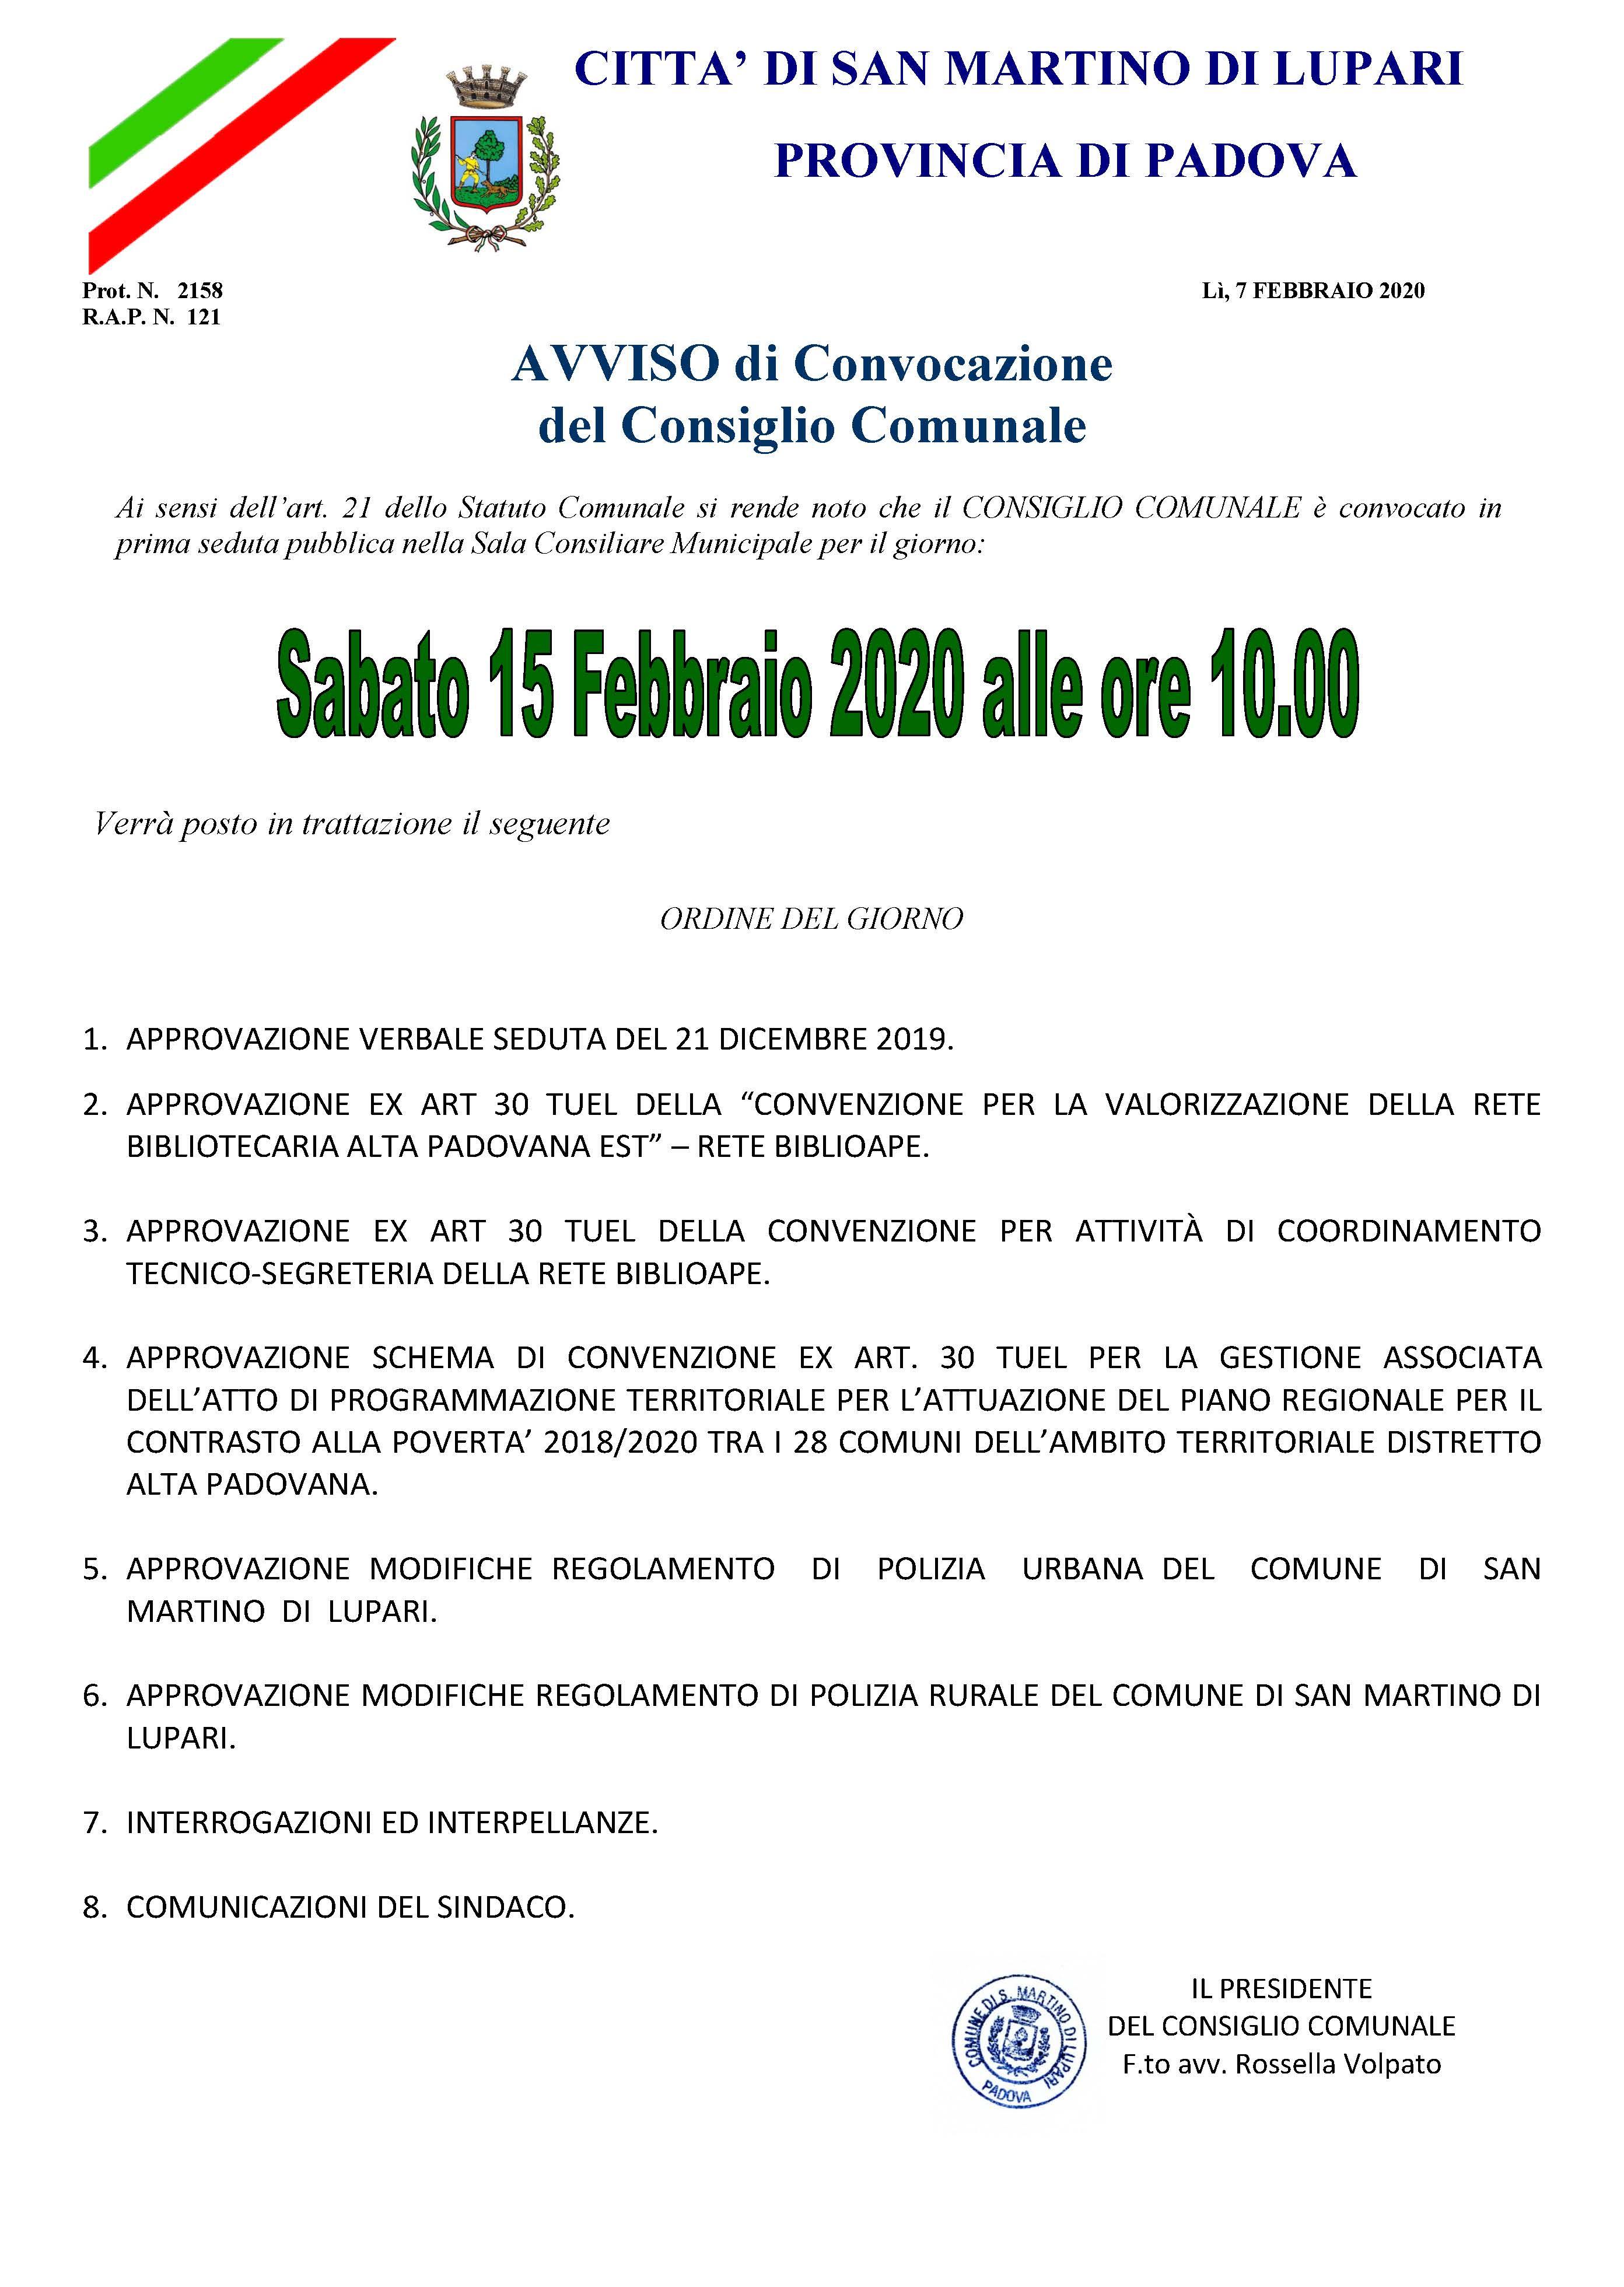 AVVISO DI CONVOCAZIONE CONSIGLIO COMUNALE: Sabato 30 Maggio 2020